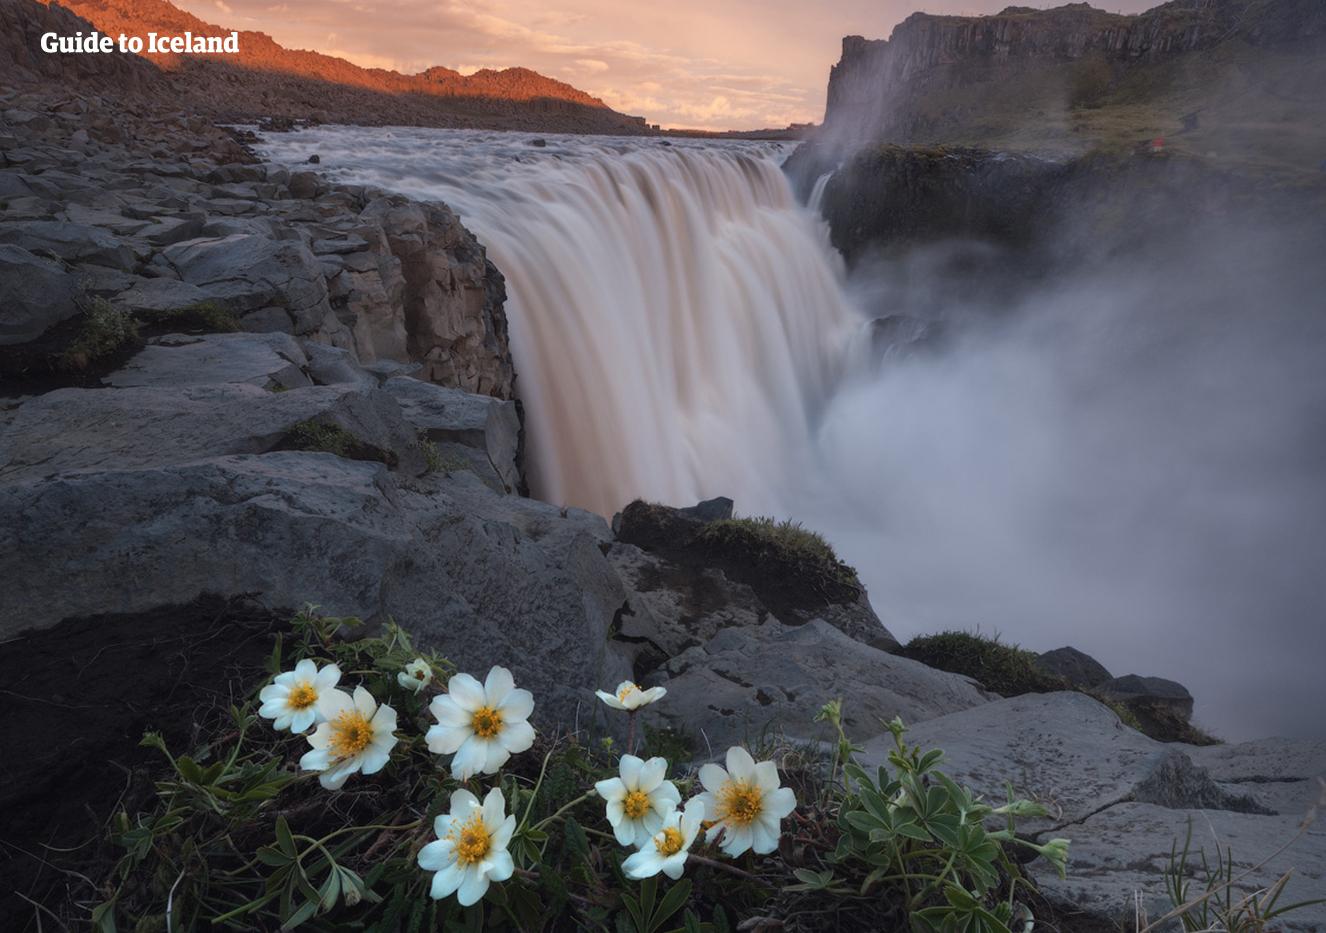 デッティフォスの滝では大きな滝の姿だけでなく、アイスランド特有のハイランドの風景、岩々の重なりあう風景など興味深い景色が見られる